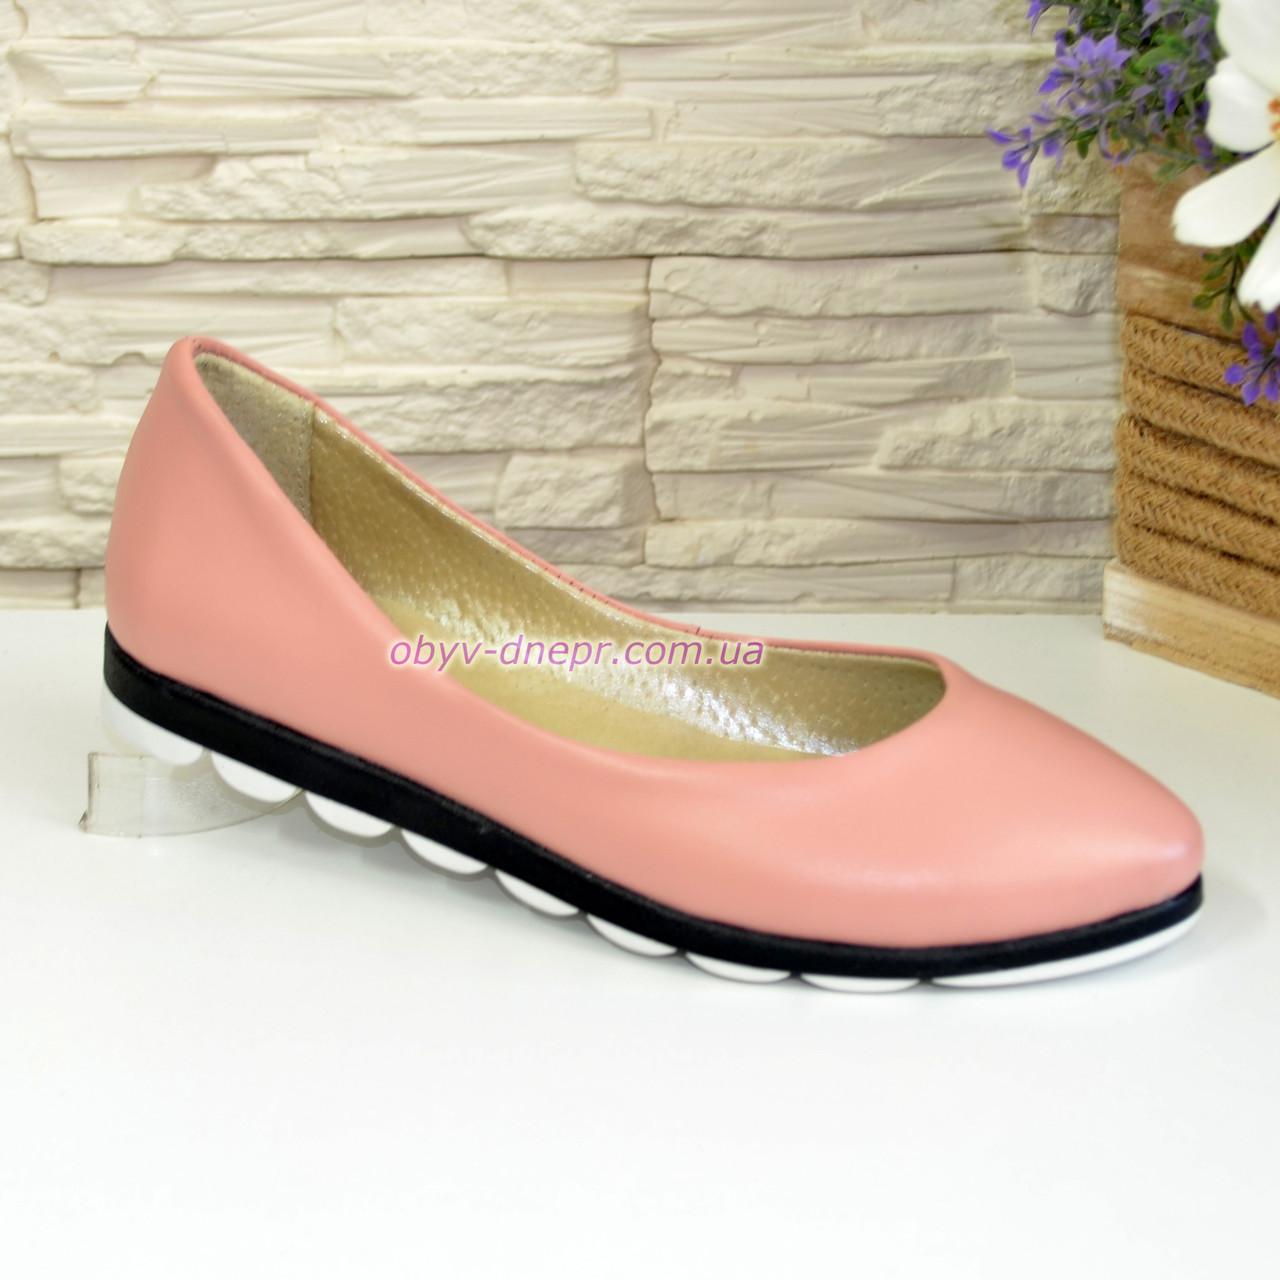 Туфли женские кожаные на утолщенной подошве, цвет пудра, фото 1